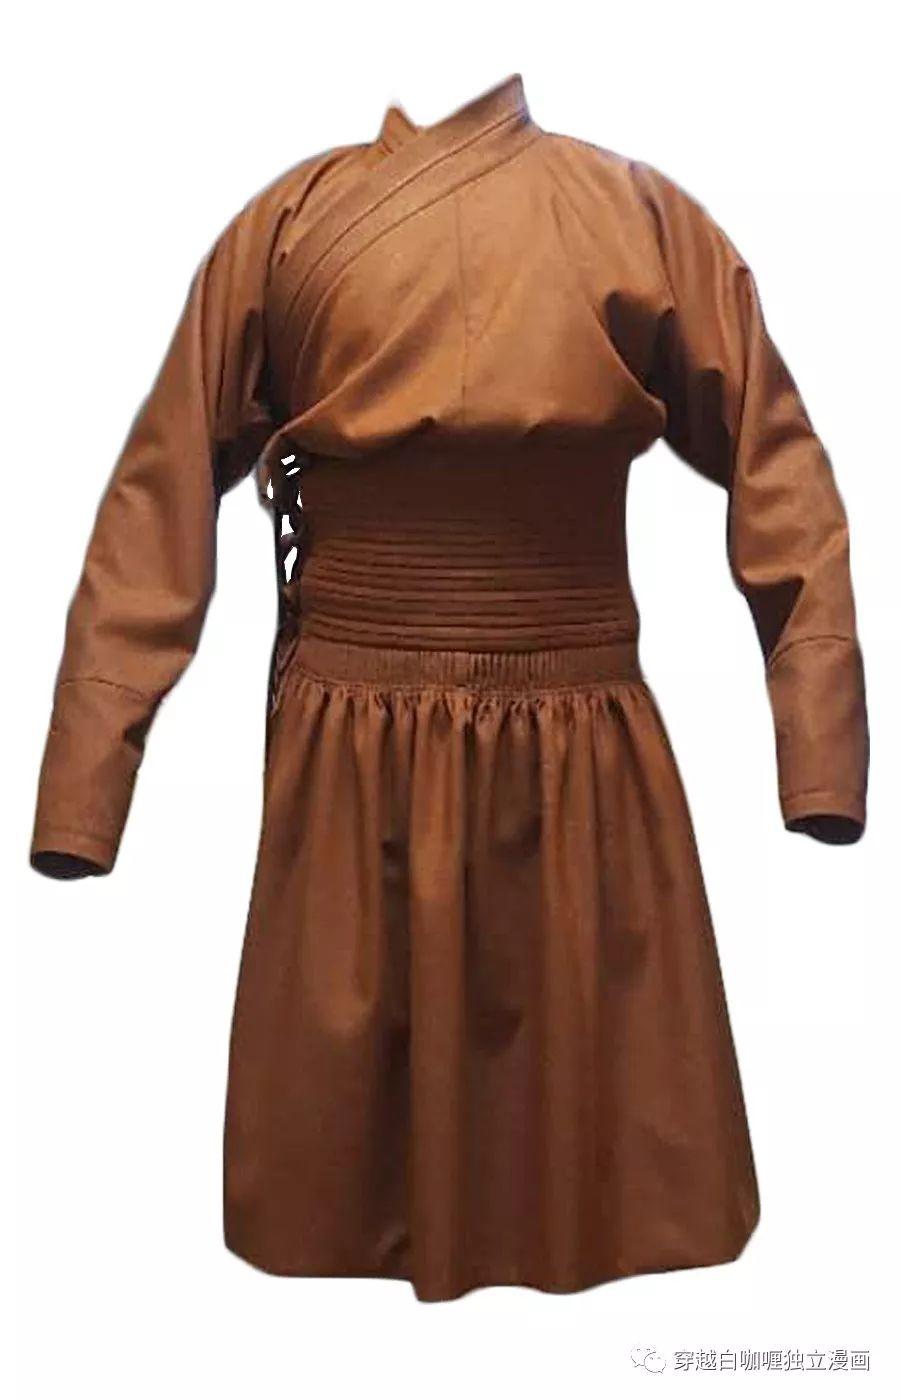 【蒙古文化】什么是蒙古袍? ᠳᠡᠪᠡᠯᠤᠨ ᠲᠤᠬᠠᠢ 第14张 【蒙古文化】什么是蒙古袍? ᠳᠡᠪᠡᠯᠤᠨ ᠲᠤᠬᠠᠢ 蒙古服饰